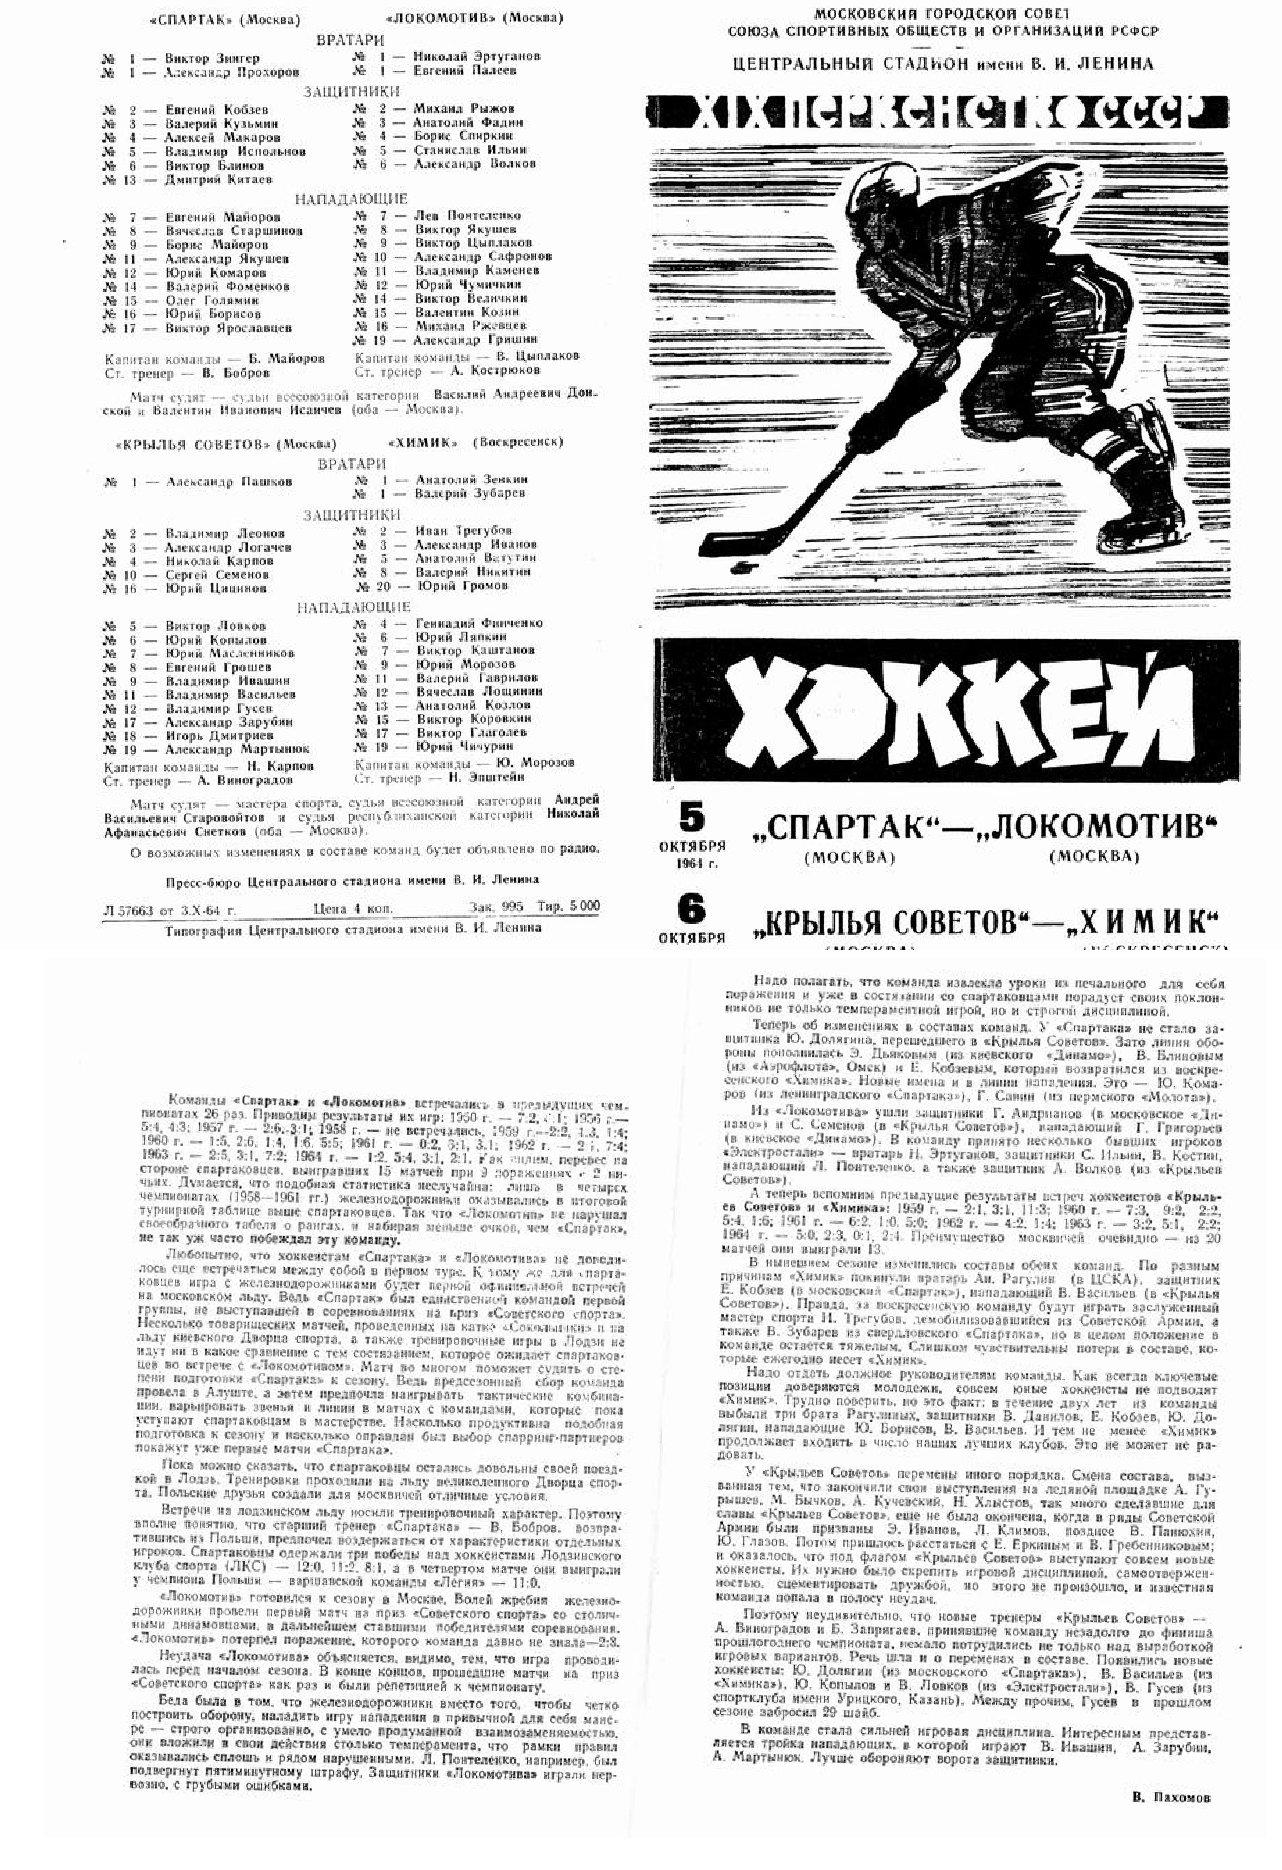 сезон 1964-1965 программки-6.jpg